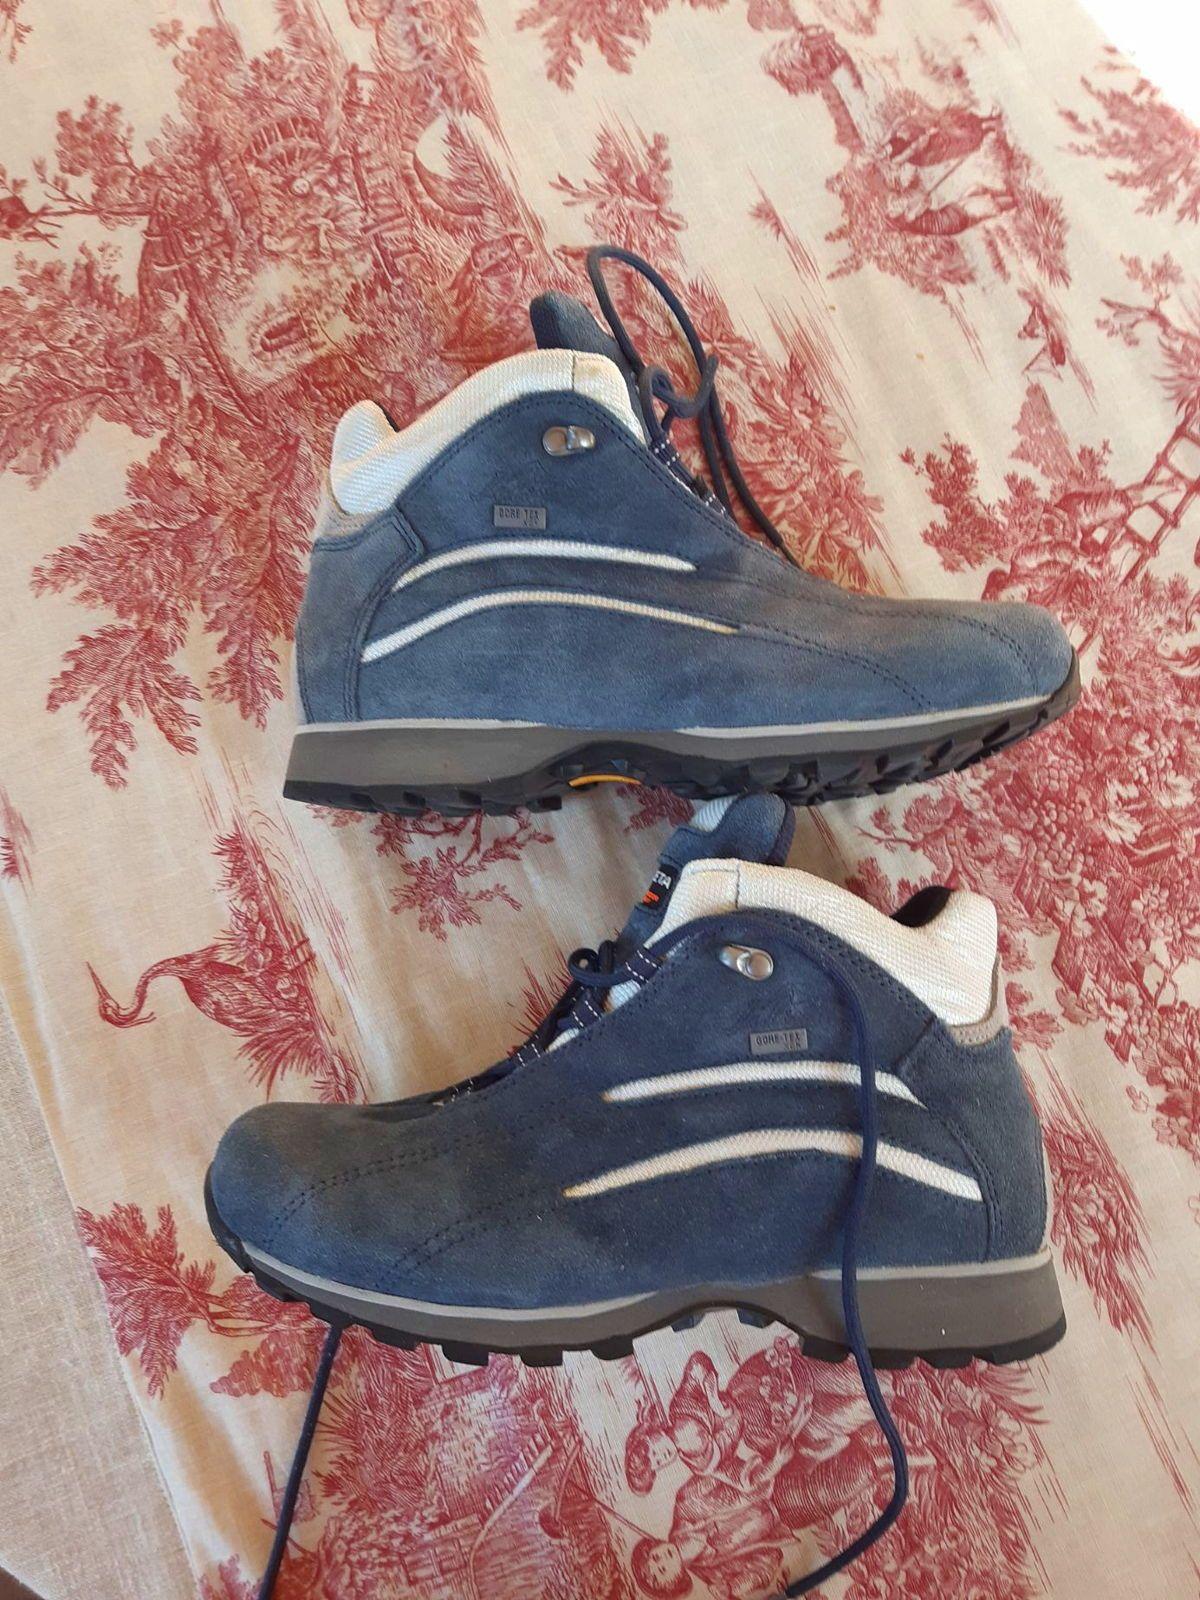 Chaussures neuves randonnée 40/41gore tex Trezeta - Pointure 40.5